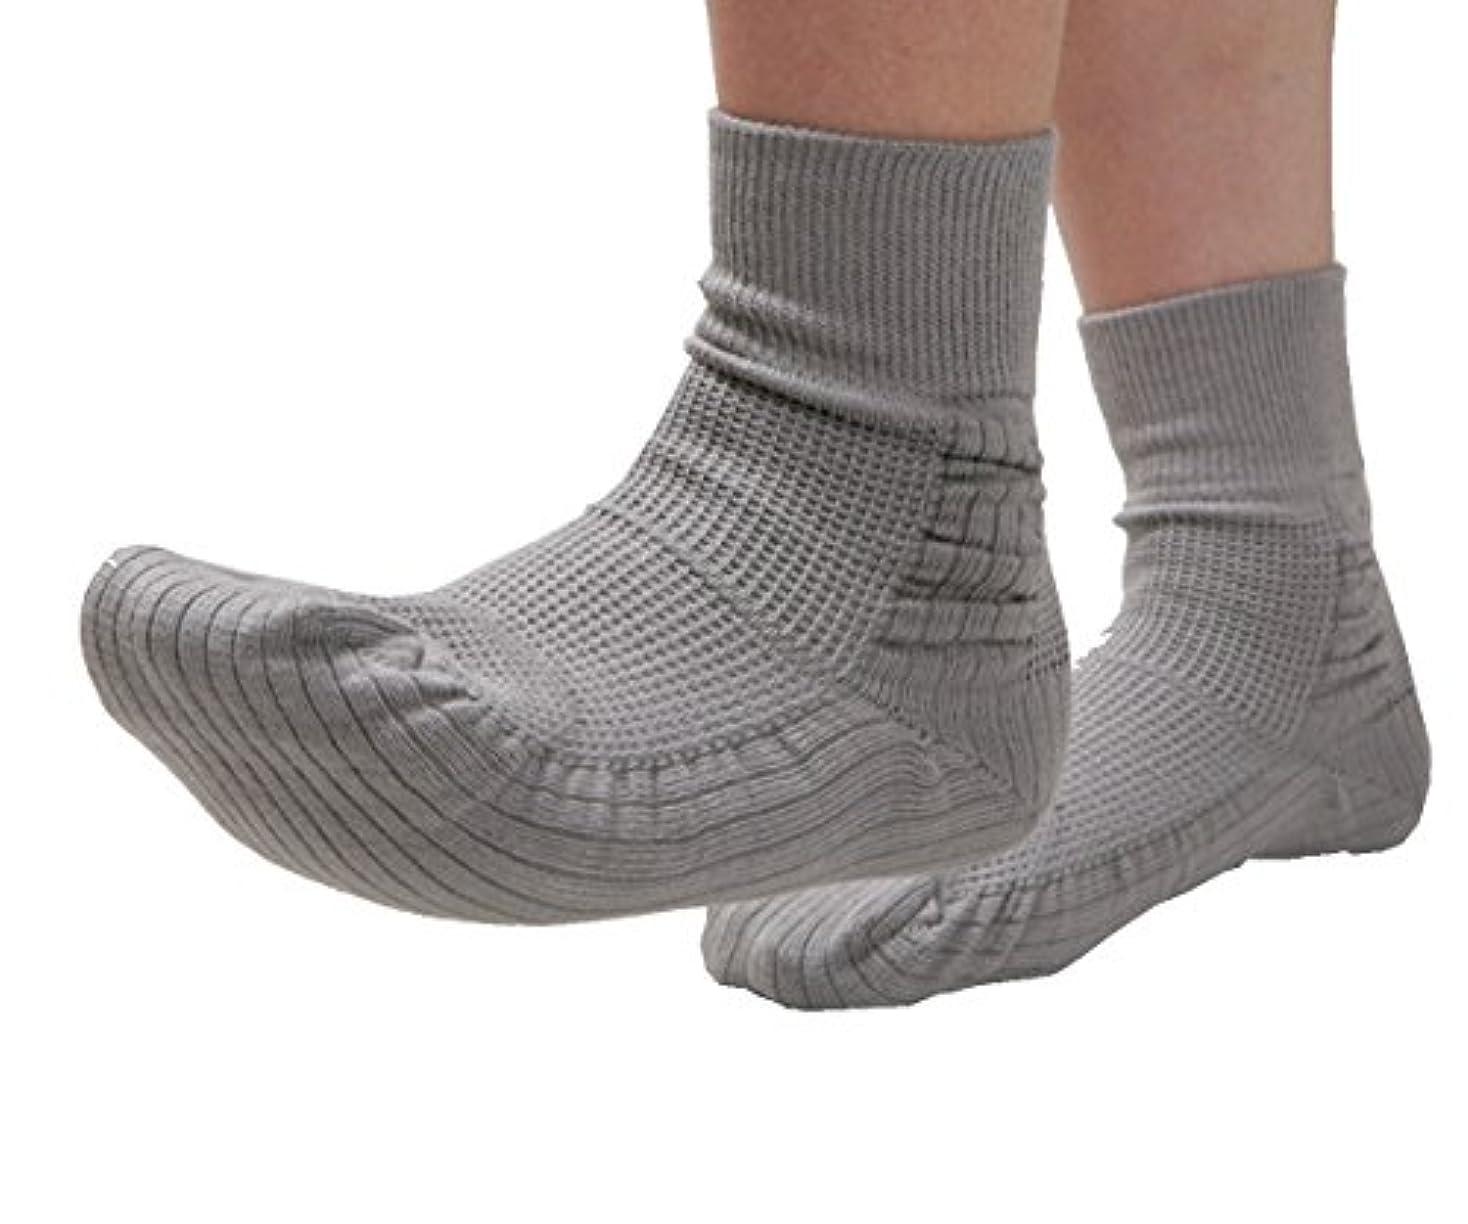 品種不機嫌バルコニー転倒予防靴下つま先アップ(コーポレーションパールスター?広島大学開発商品)